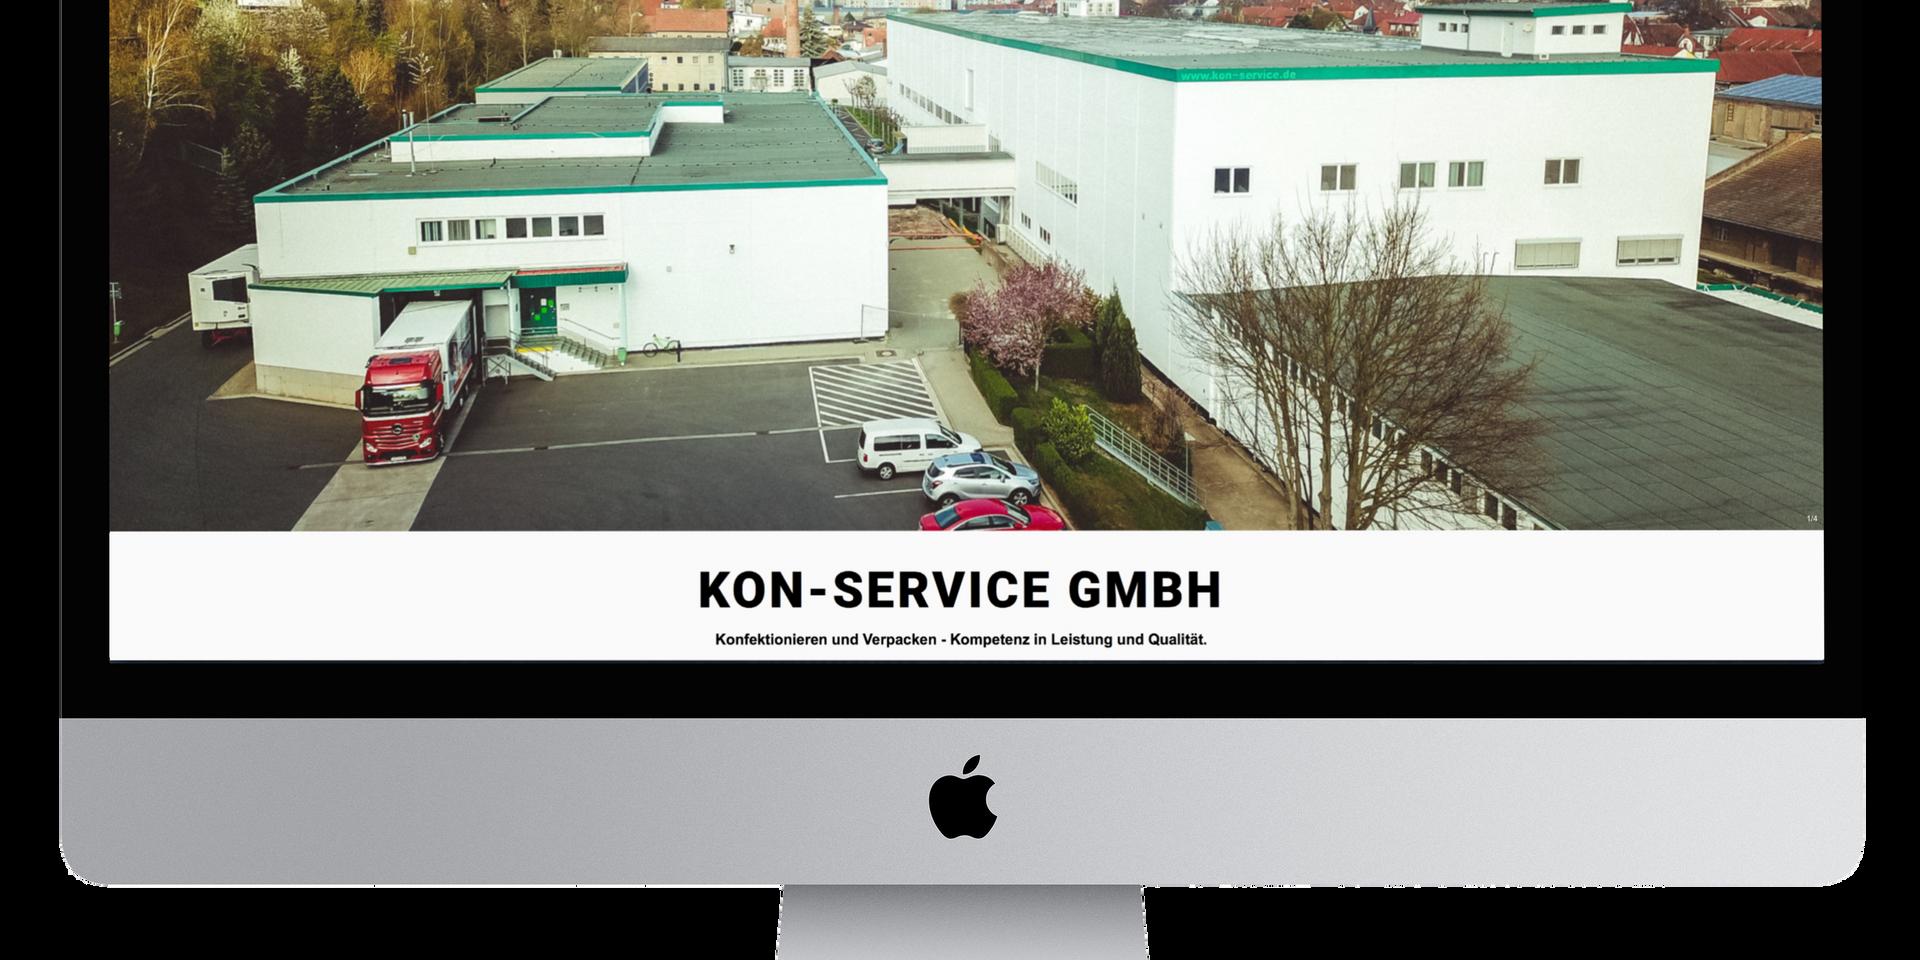 KON-Service GmbH